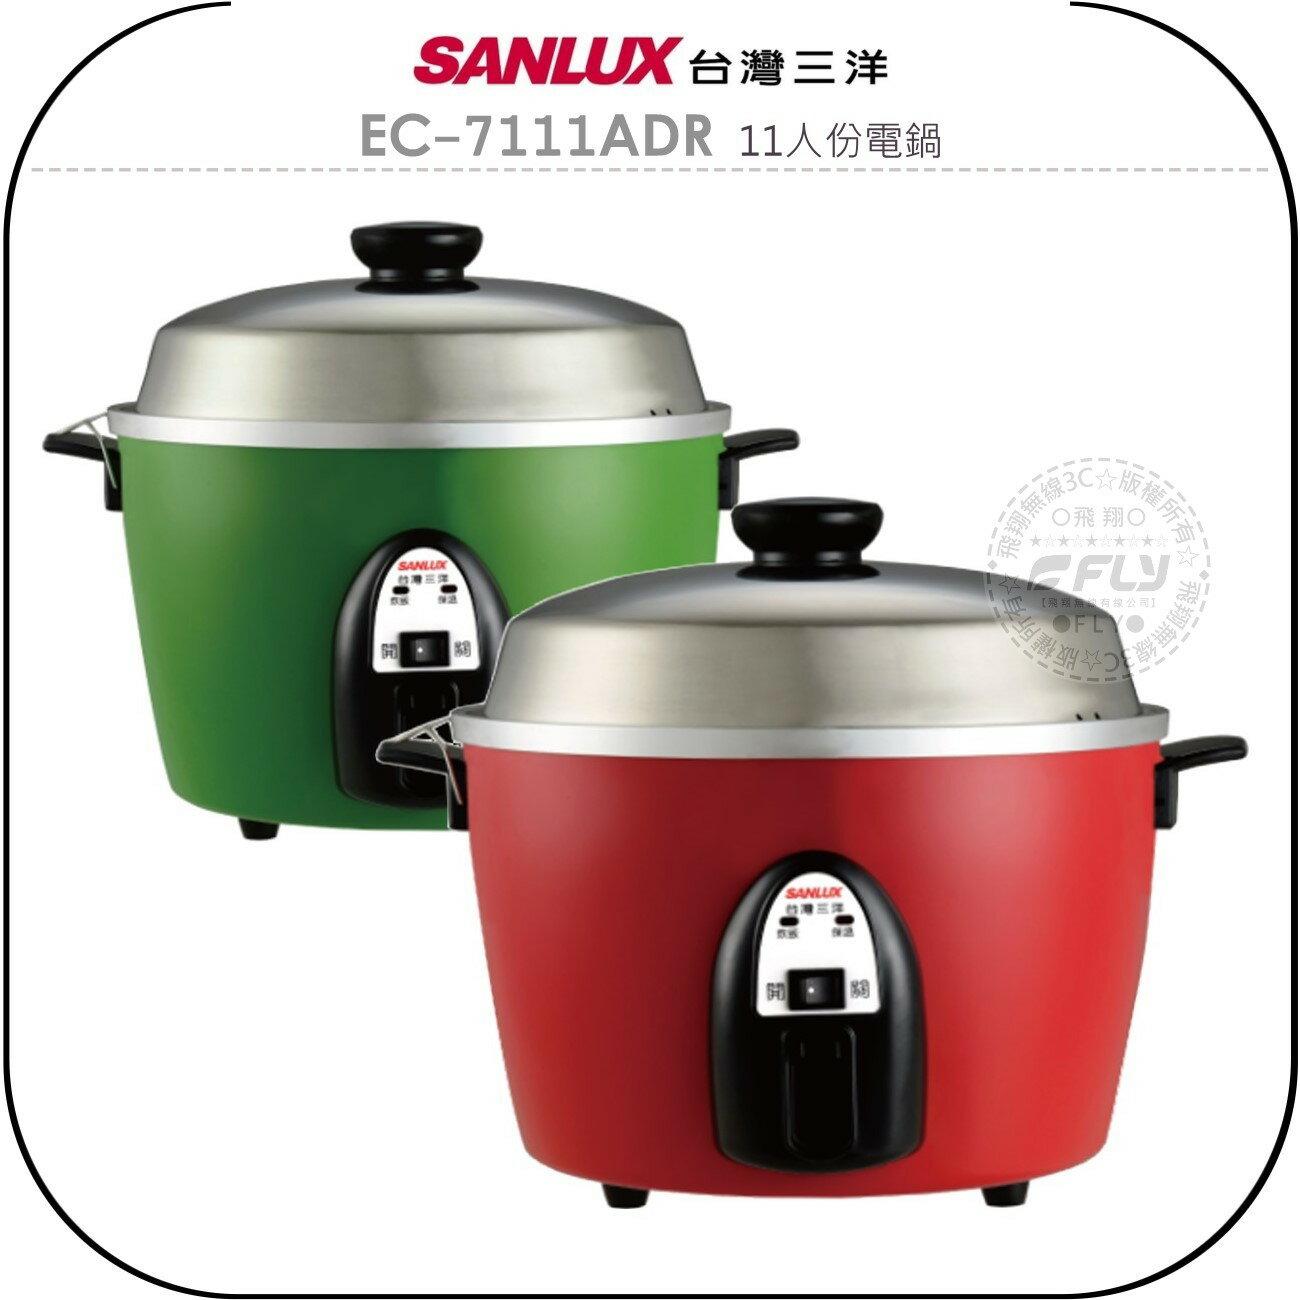 《飛翔無線3C》SANLUX 台灣三洋 EC-7111ADR 11人份電鍋│公司貨│304不鏽鋼 煮蒸滷燉 自動保溫